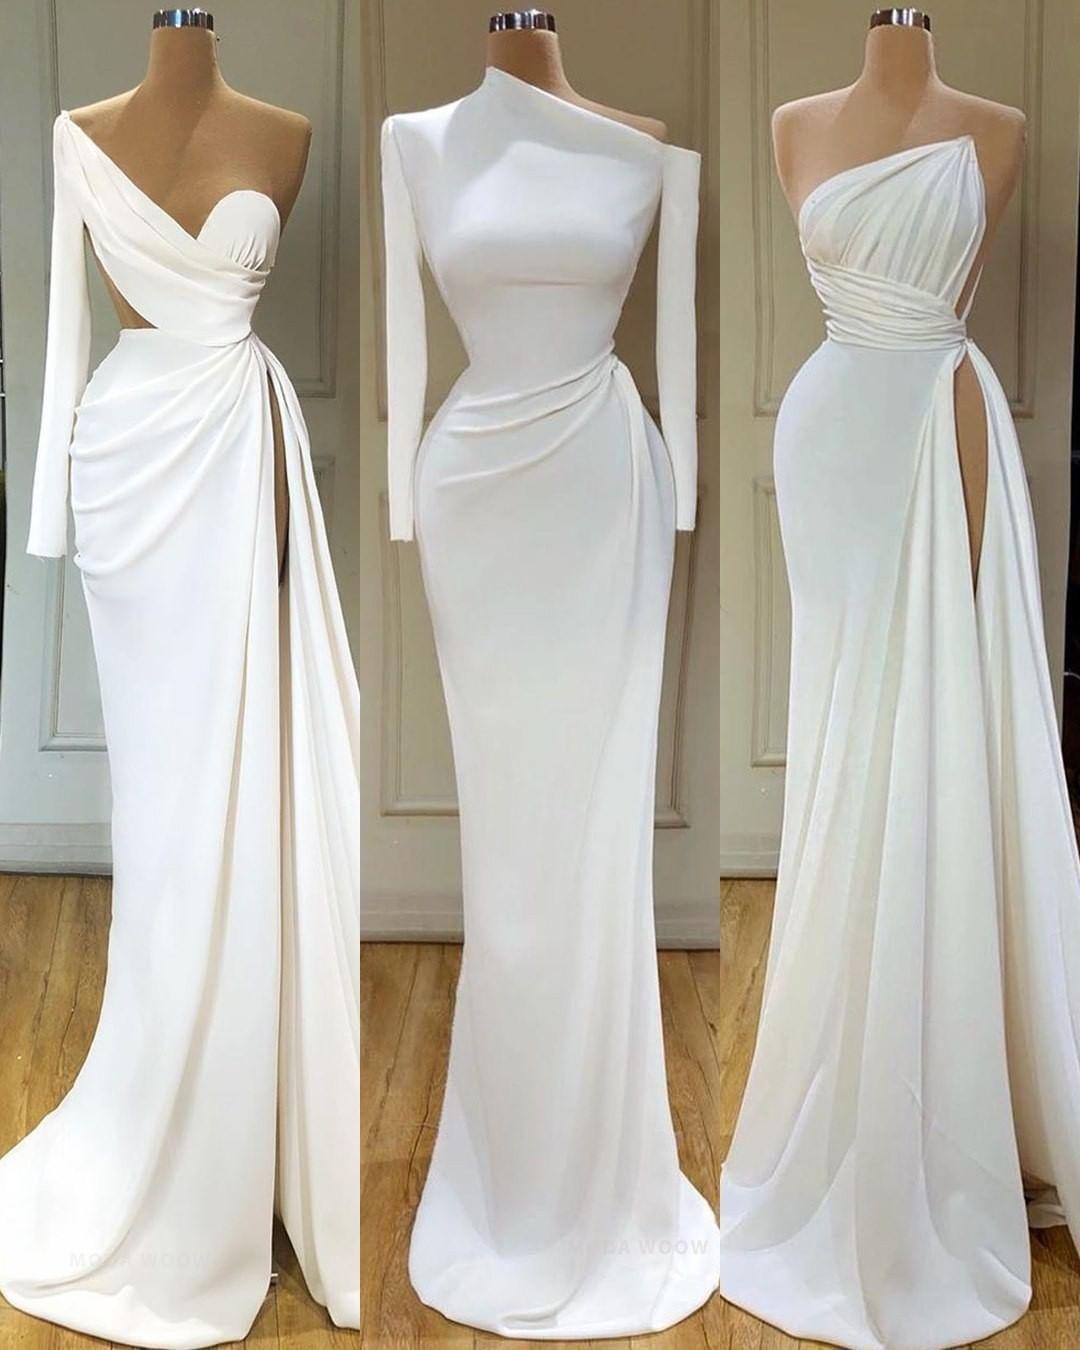 HERA DRESSES auf Instagram H E R A 1 2 oder 3 via ...